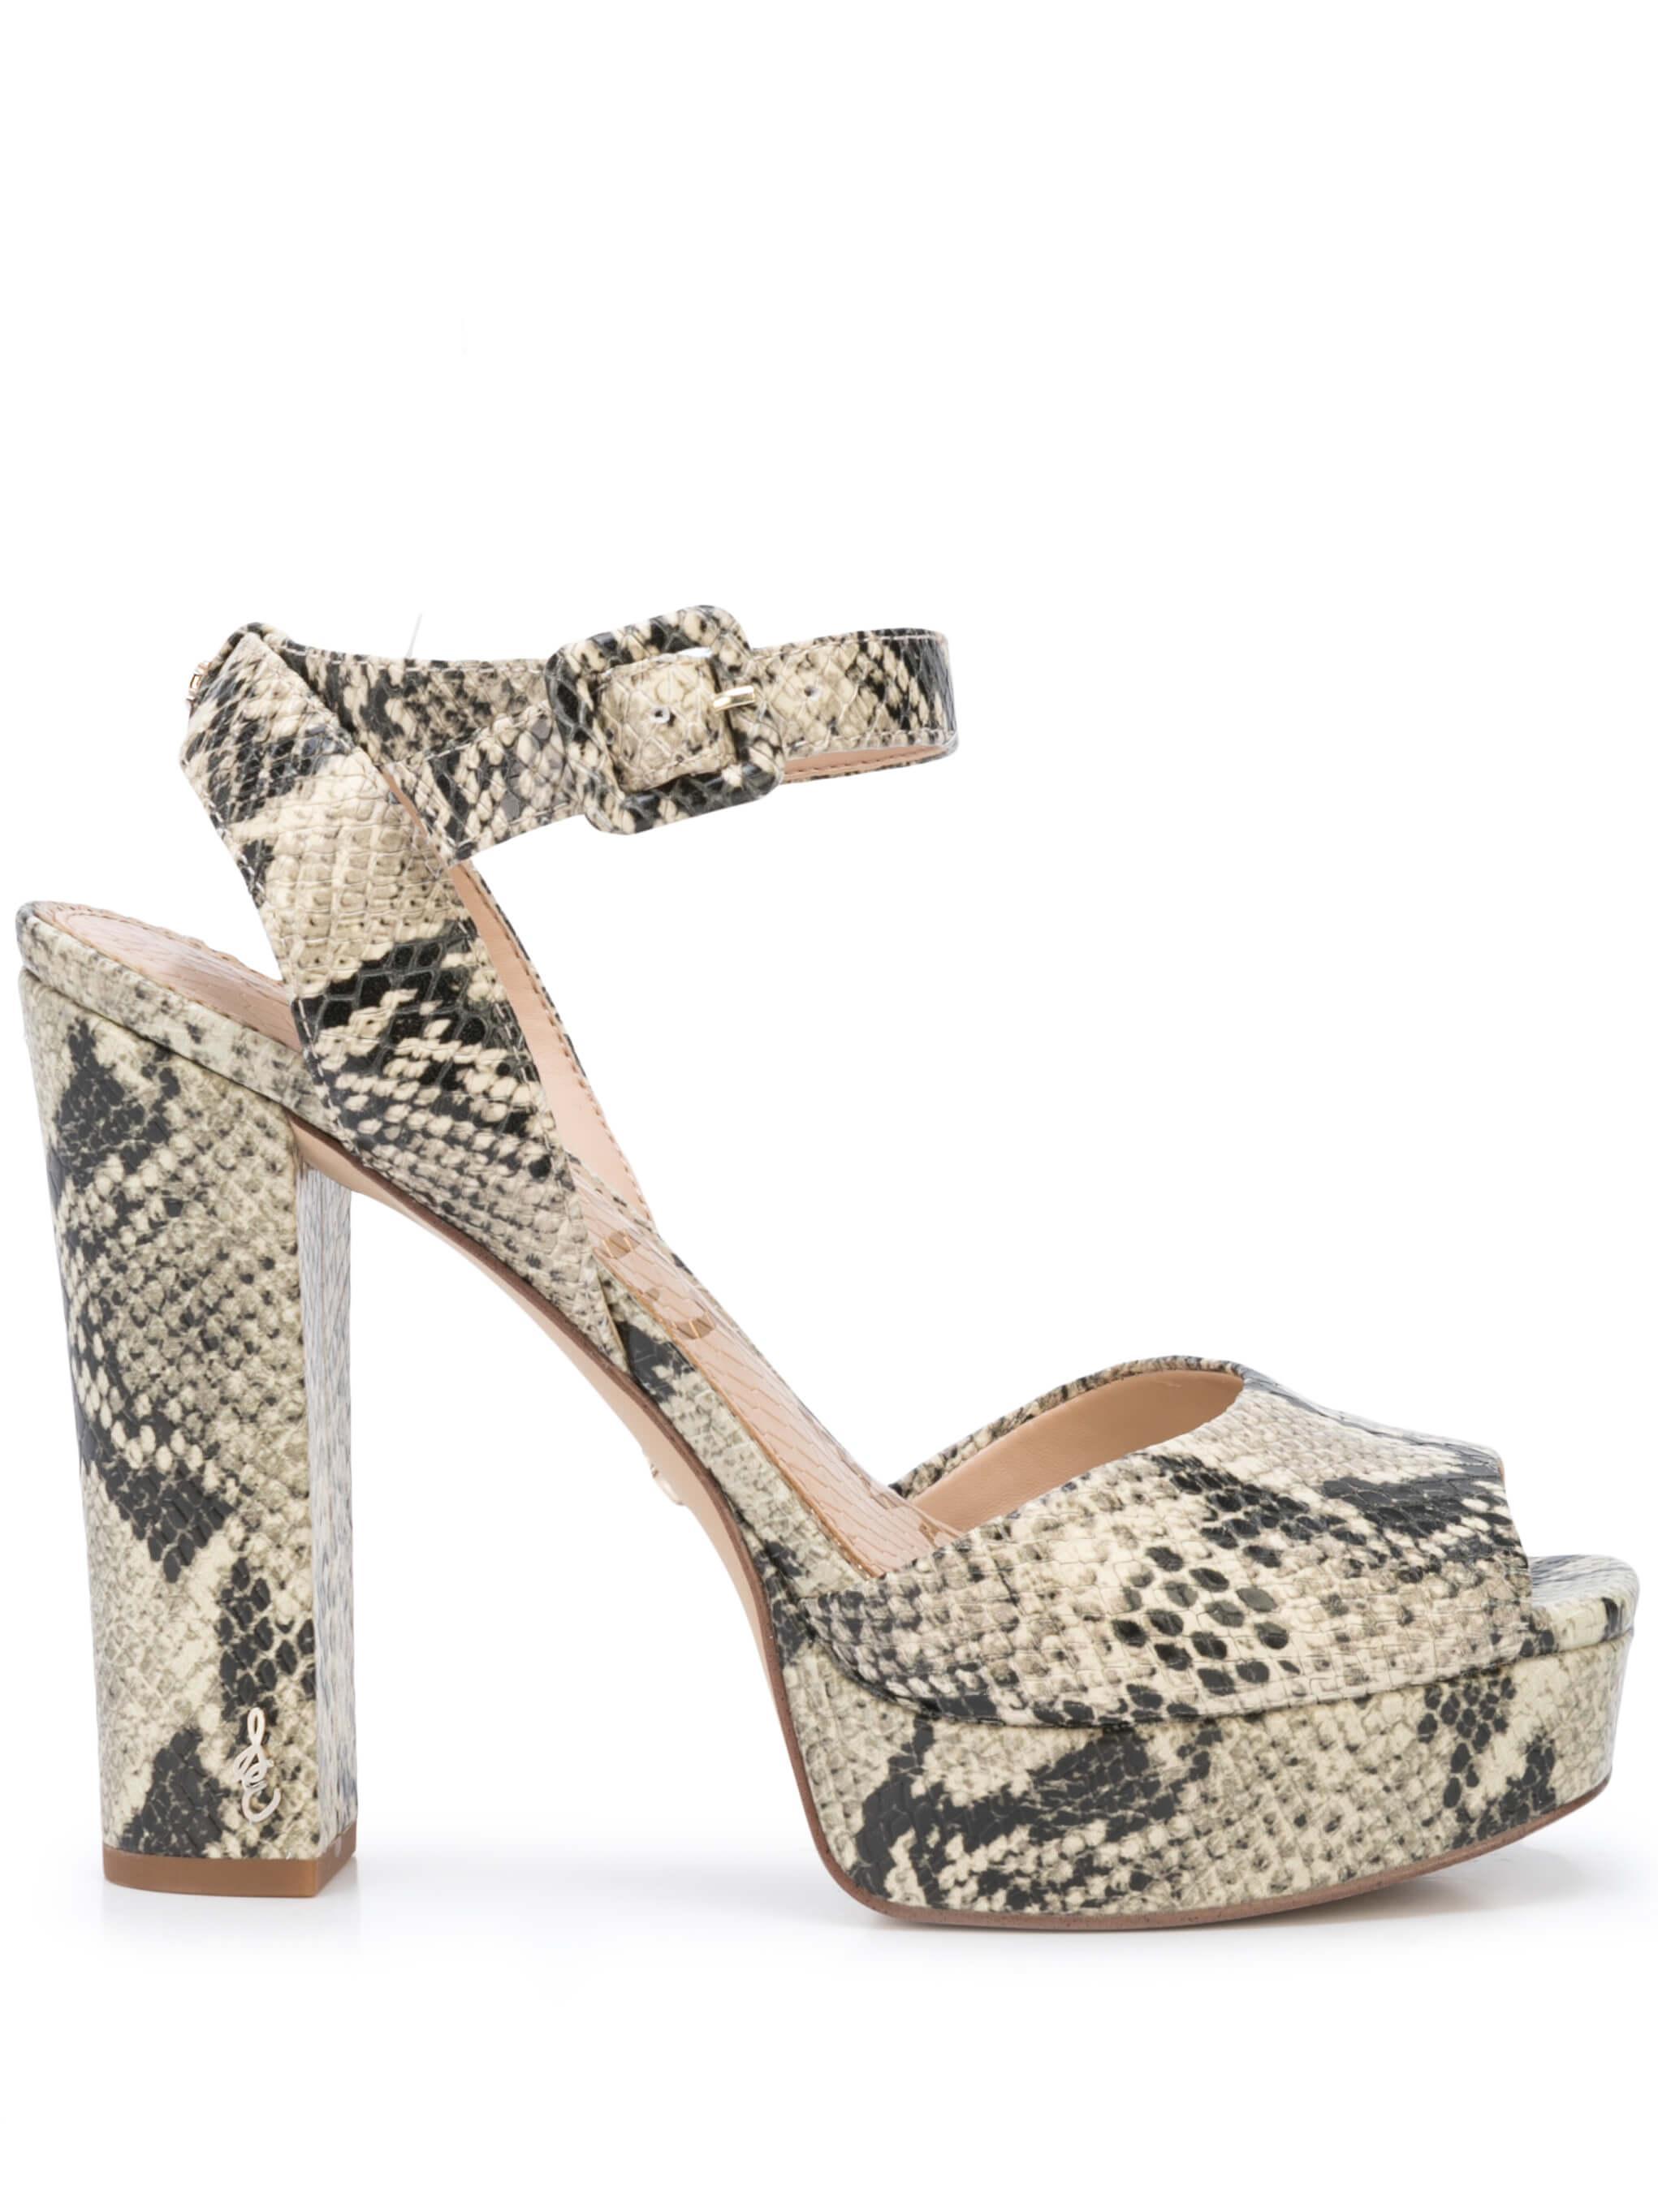 Snake Platform Sandal W/Ankle Strap Item # KATH-SNK